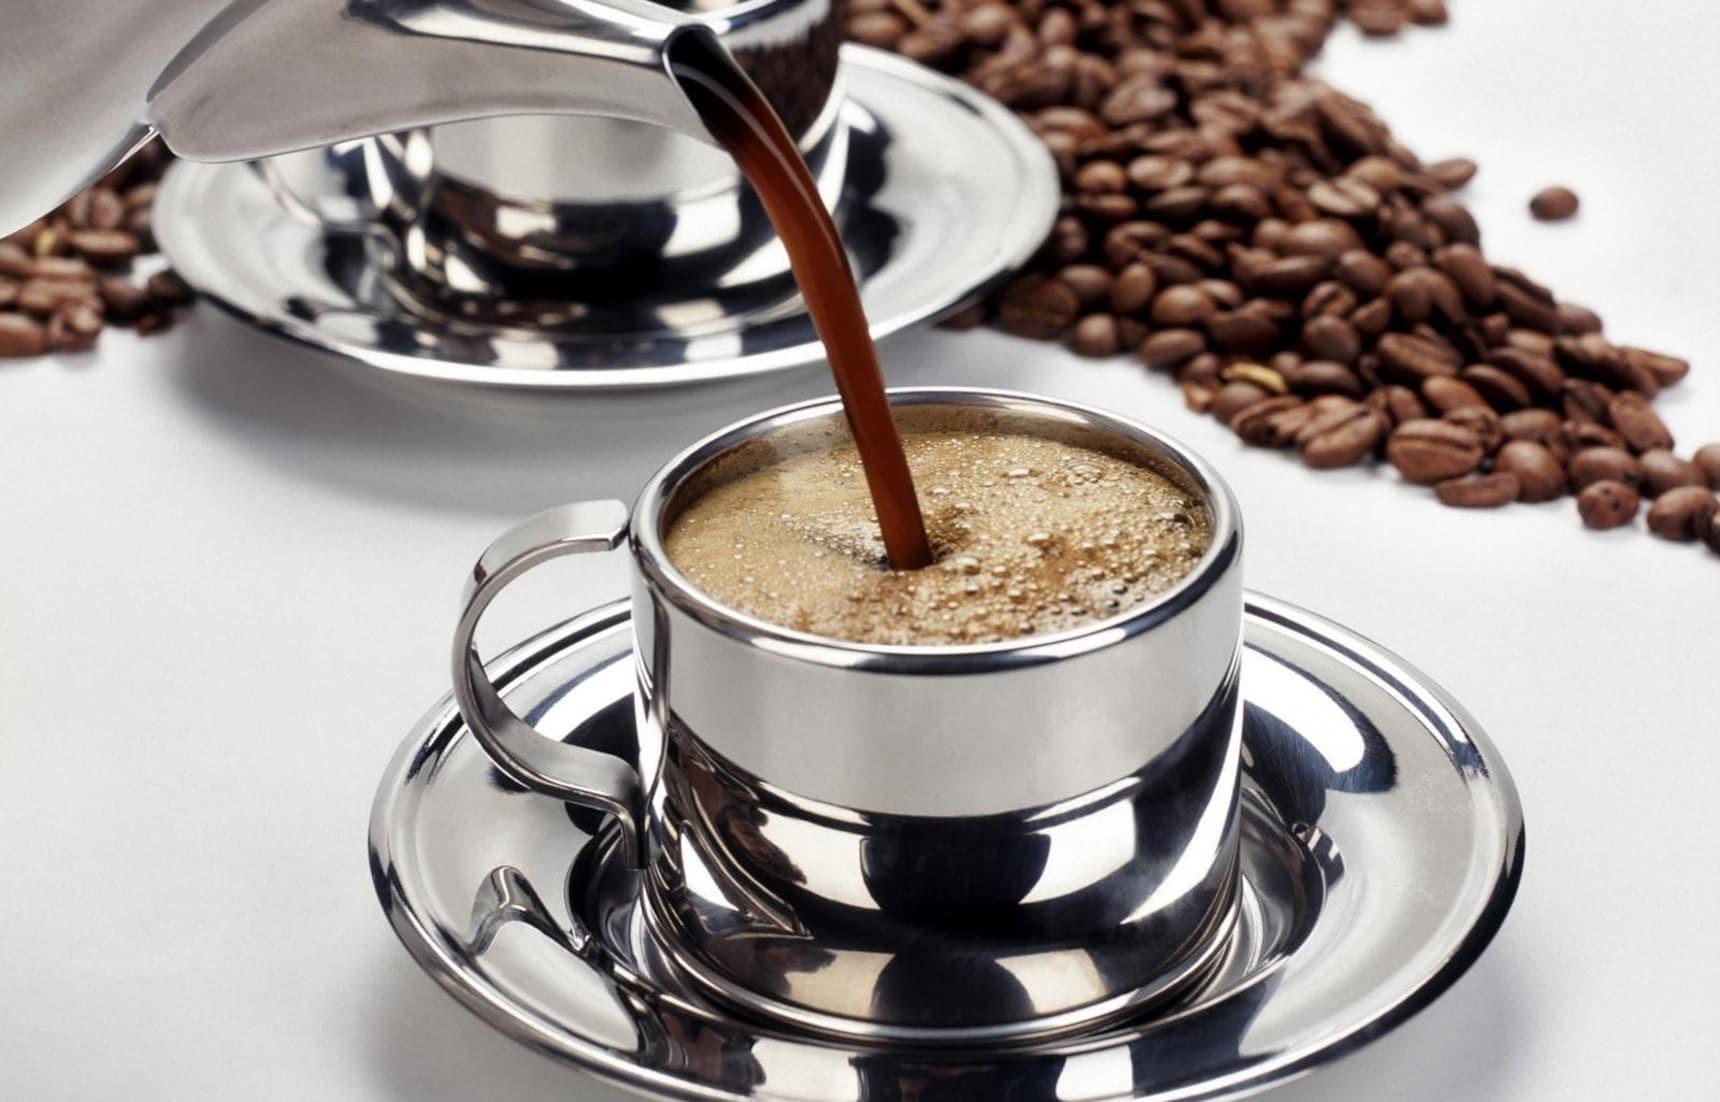 东洋咖啡渡来史:江户篇 — 前咖啡馆时代的咖啡印记